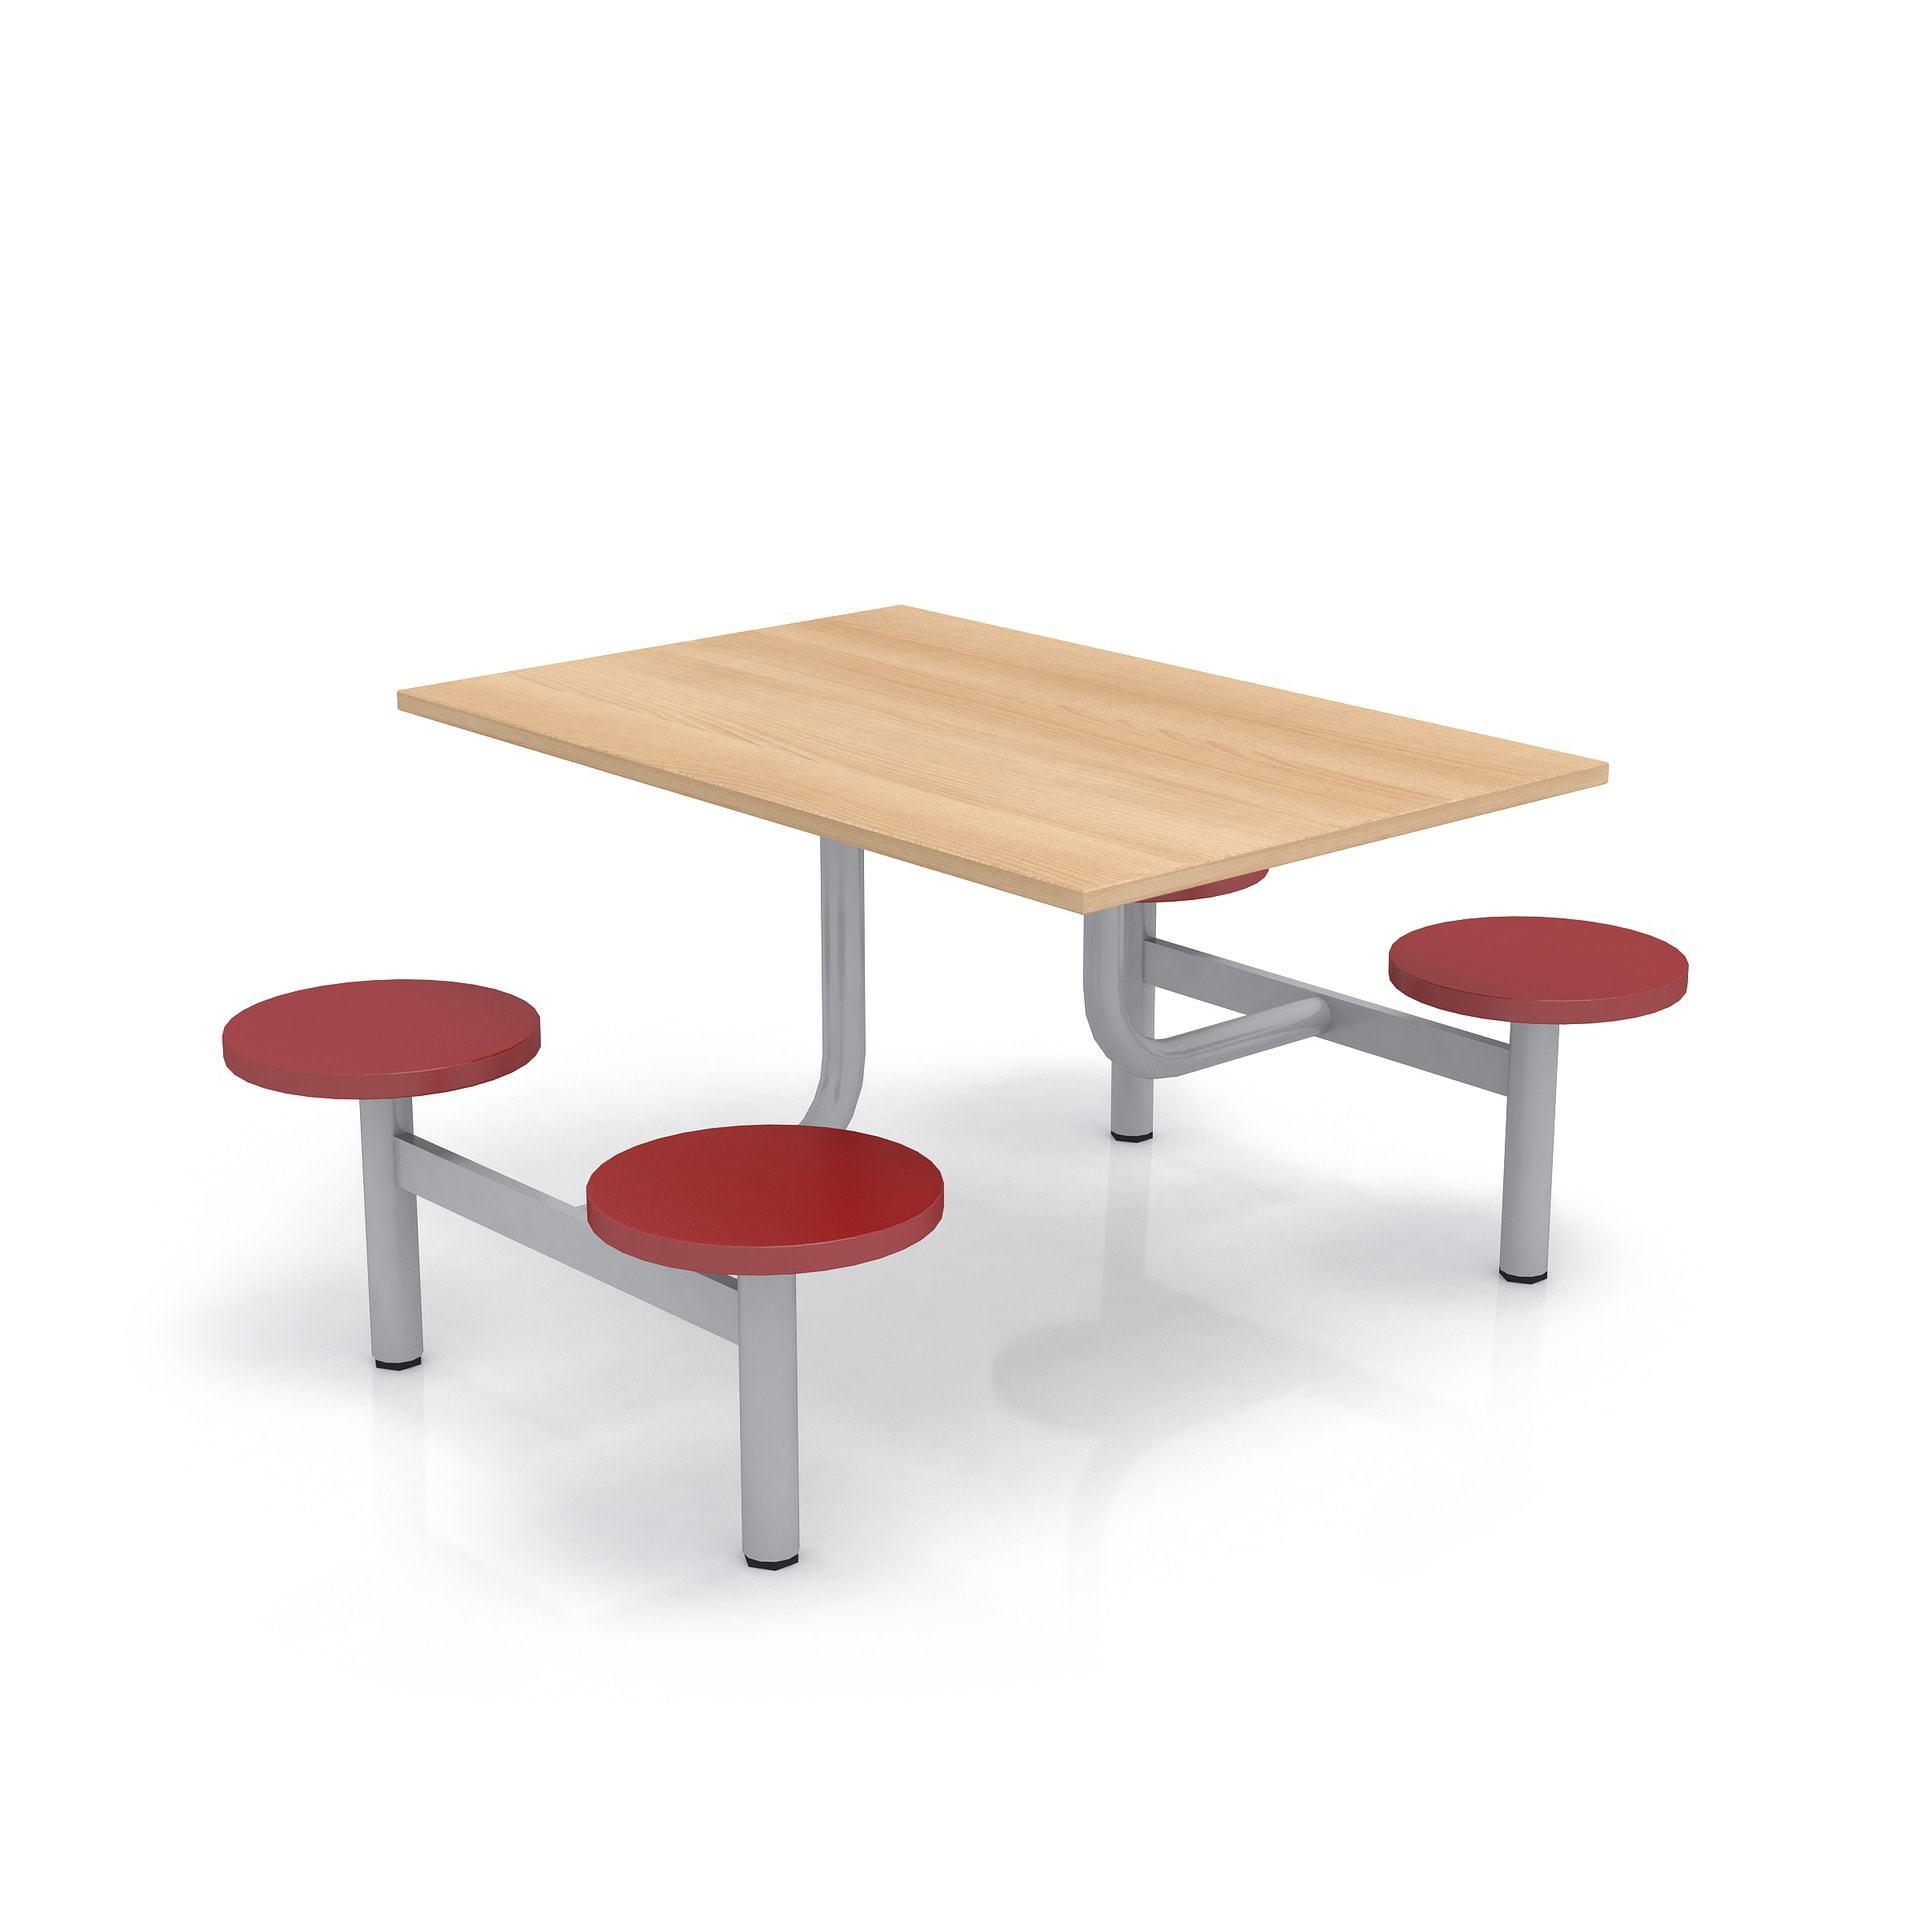 Školní jídelní set s plastovými sedáky, deska lamino